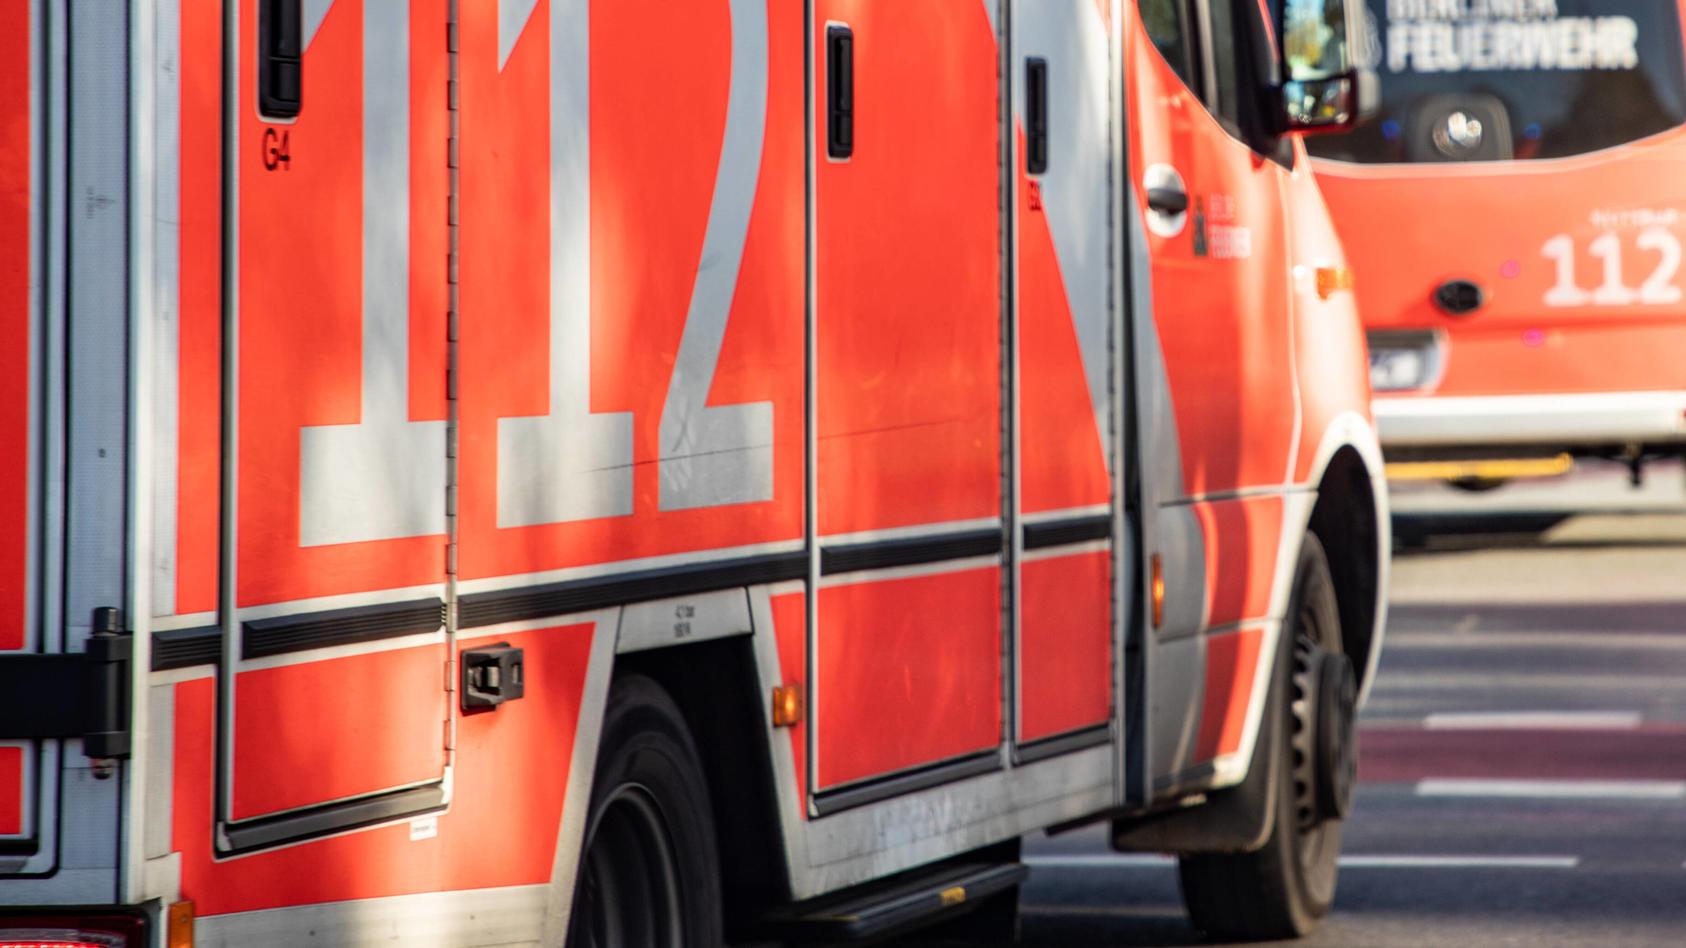 Krankenwagen im Einsatz: Das kleine Mädchen wurde in eine Potsdamer Klinik gebracht, soll dort auf der Intensivstation liegen.